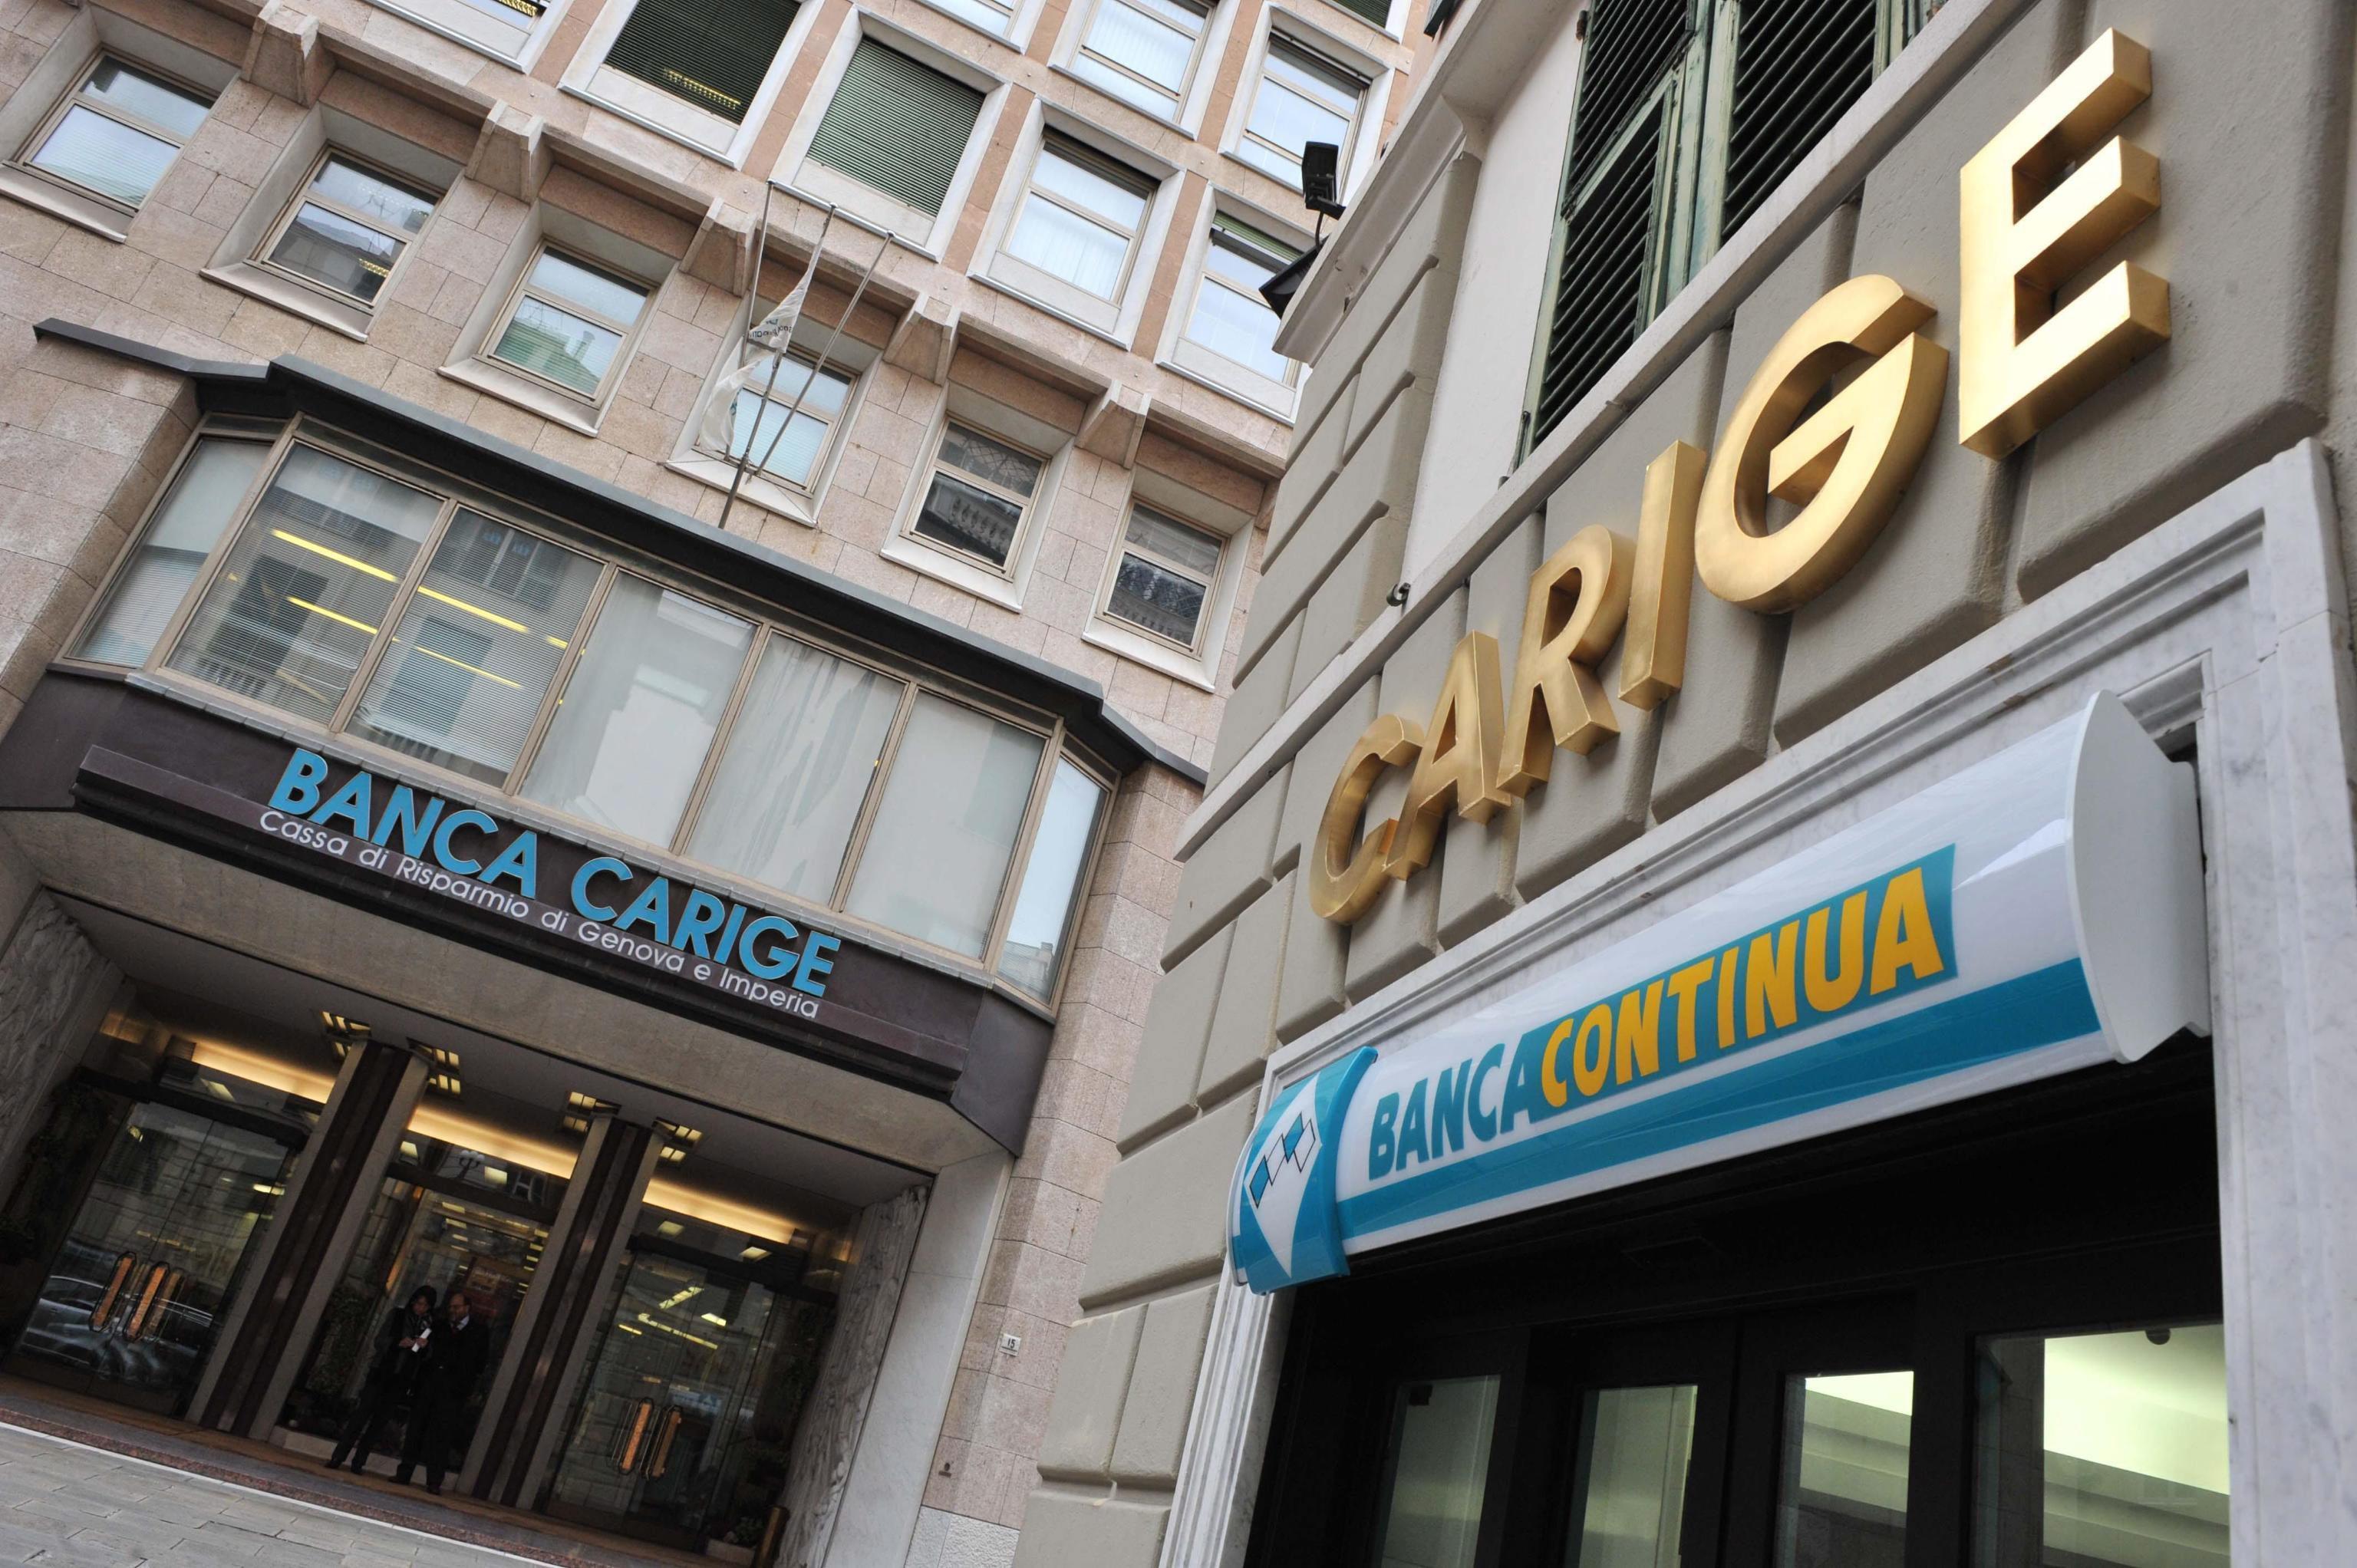 Banca Carige, revocate le deleghe a Guido Bastianini